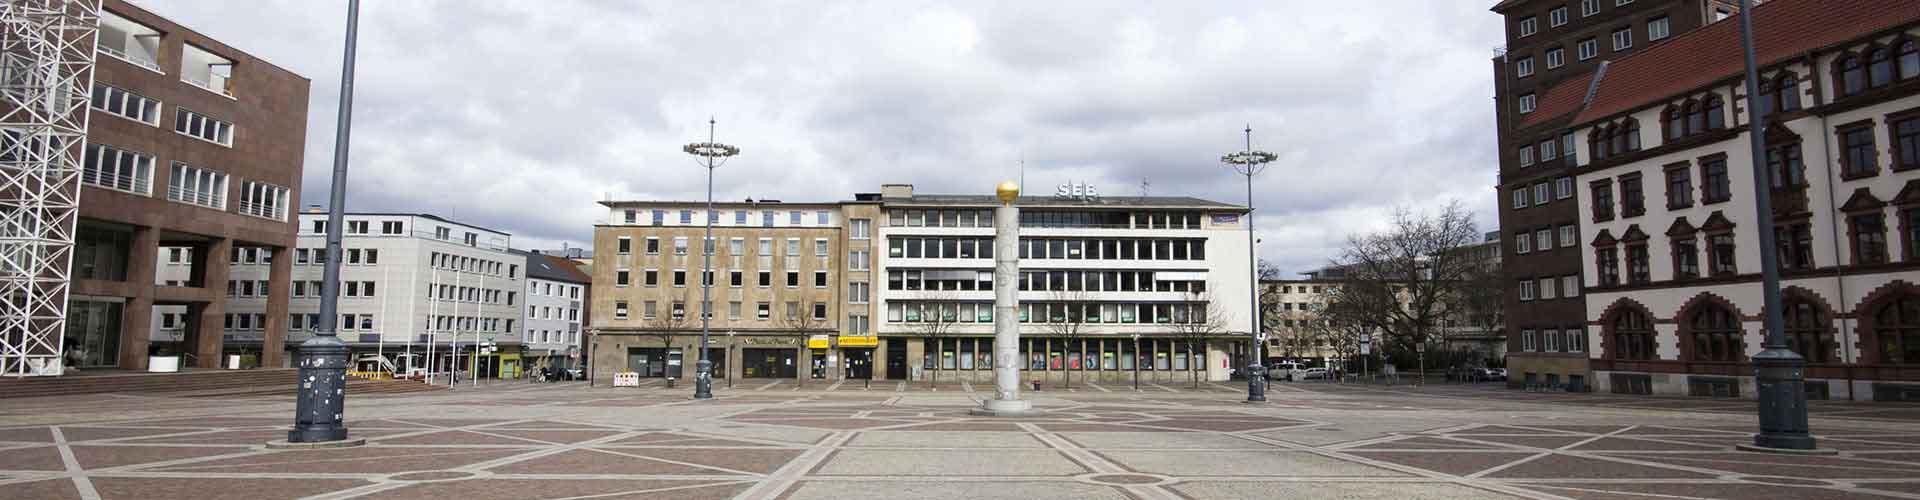 Dortmund – Camping em Dortmund. Mapas para Dortmund, Fotos e Avaliações para cada camping em Dortmund.